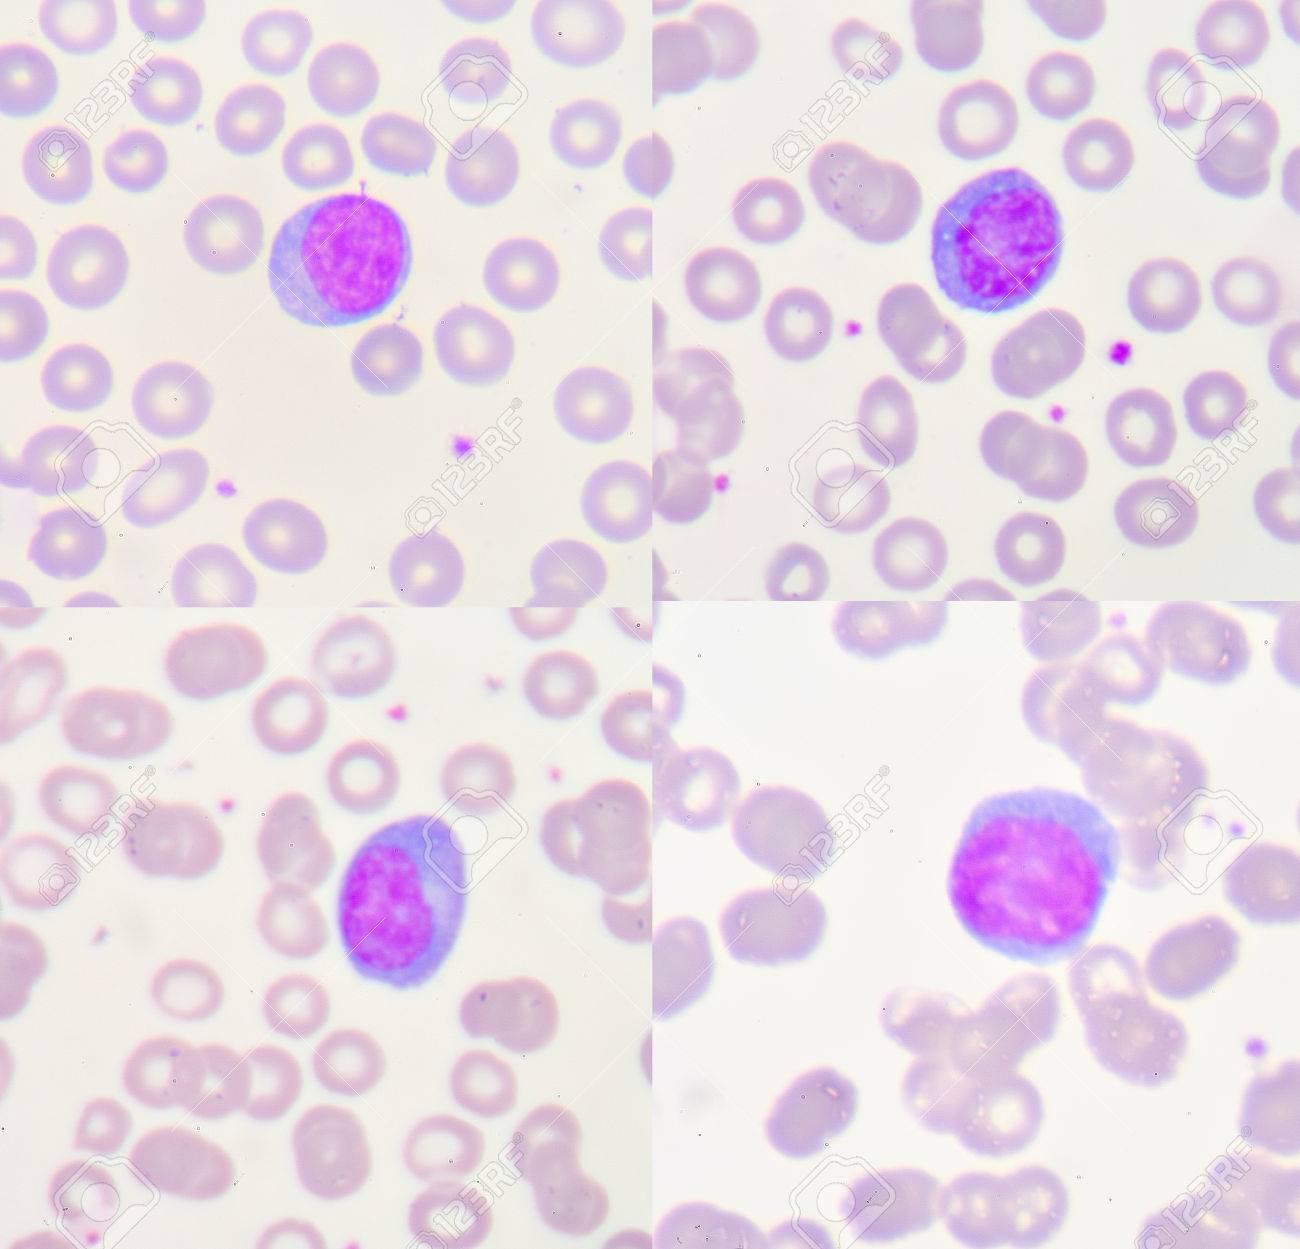 Foto de archivo - Linfocitos reactivos son linfocitos que se convierten en  grandes como resultado de la estimulación de antígeno. Típicamente pueden  ser más ... 1118f5d3af